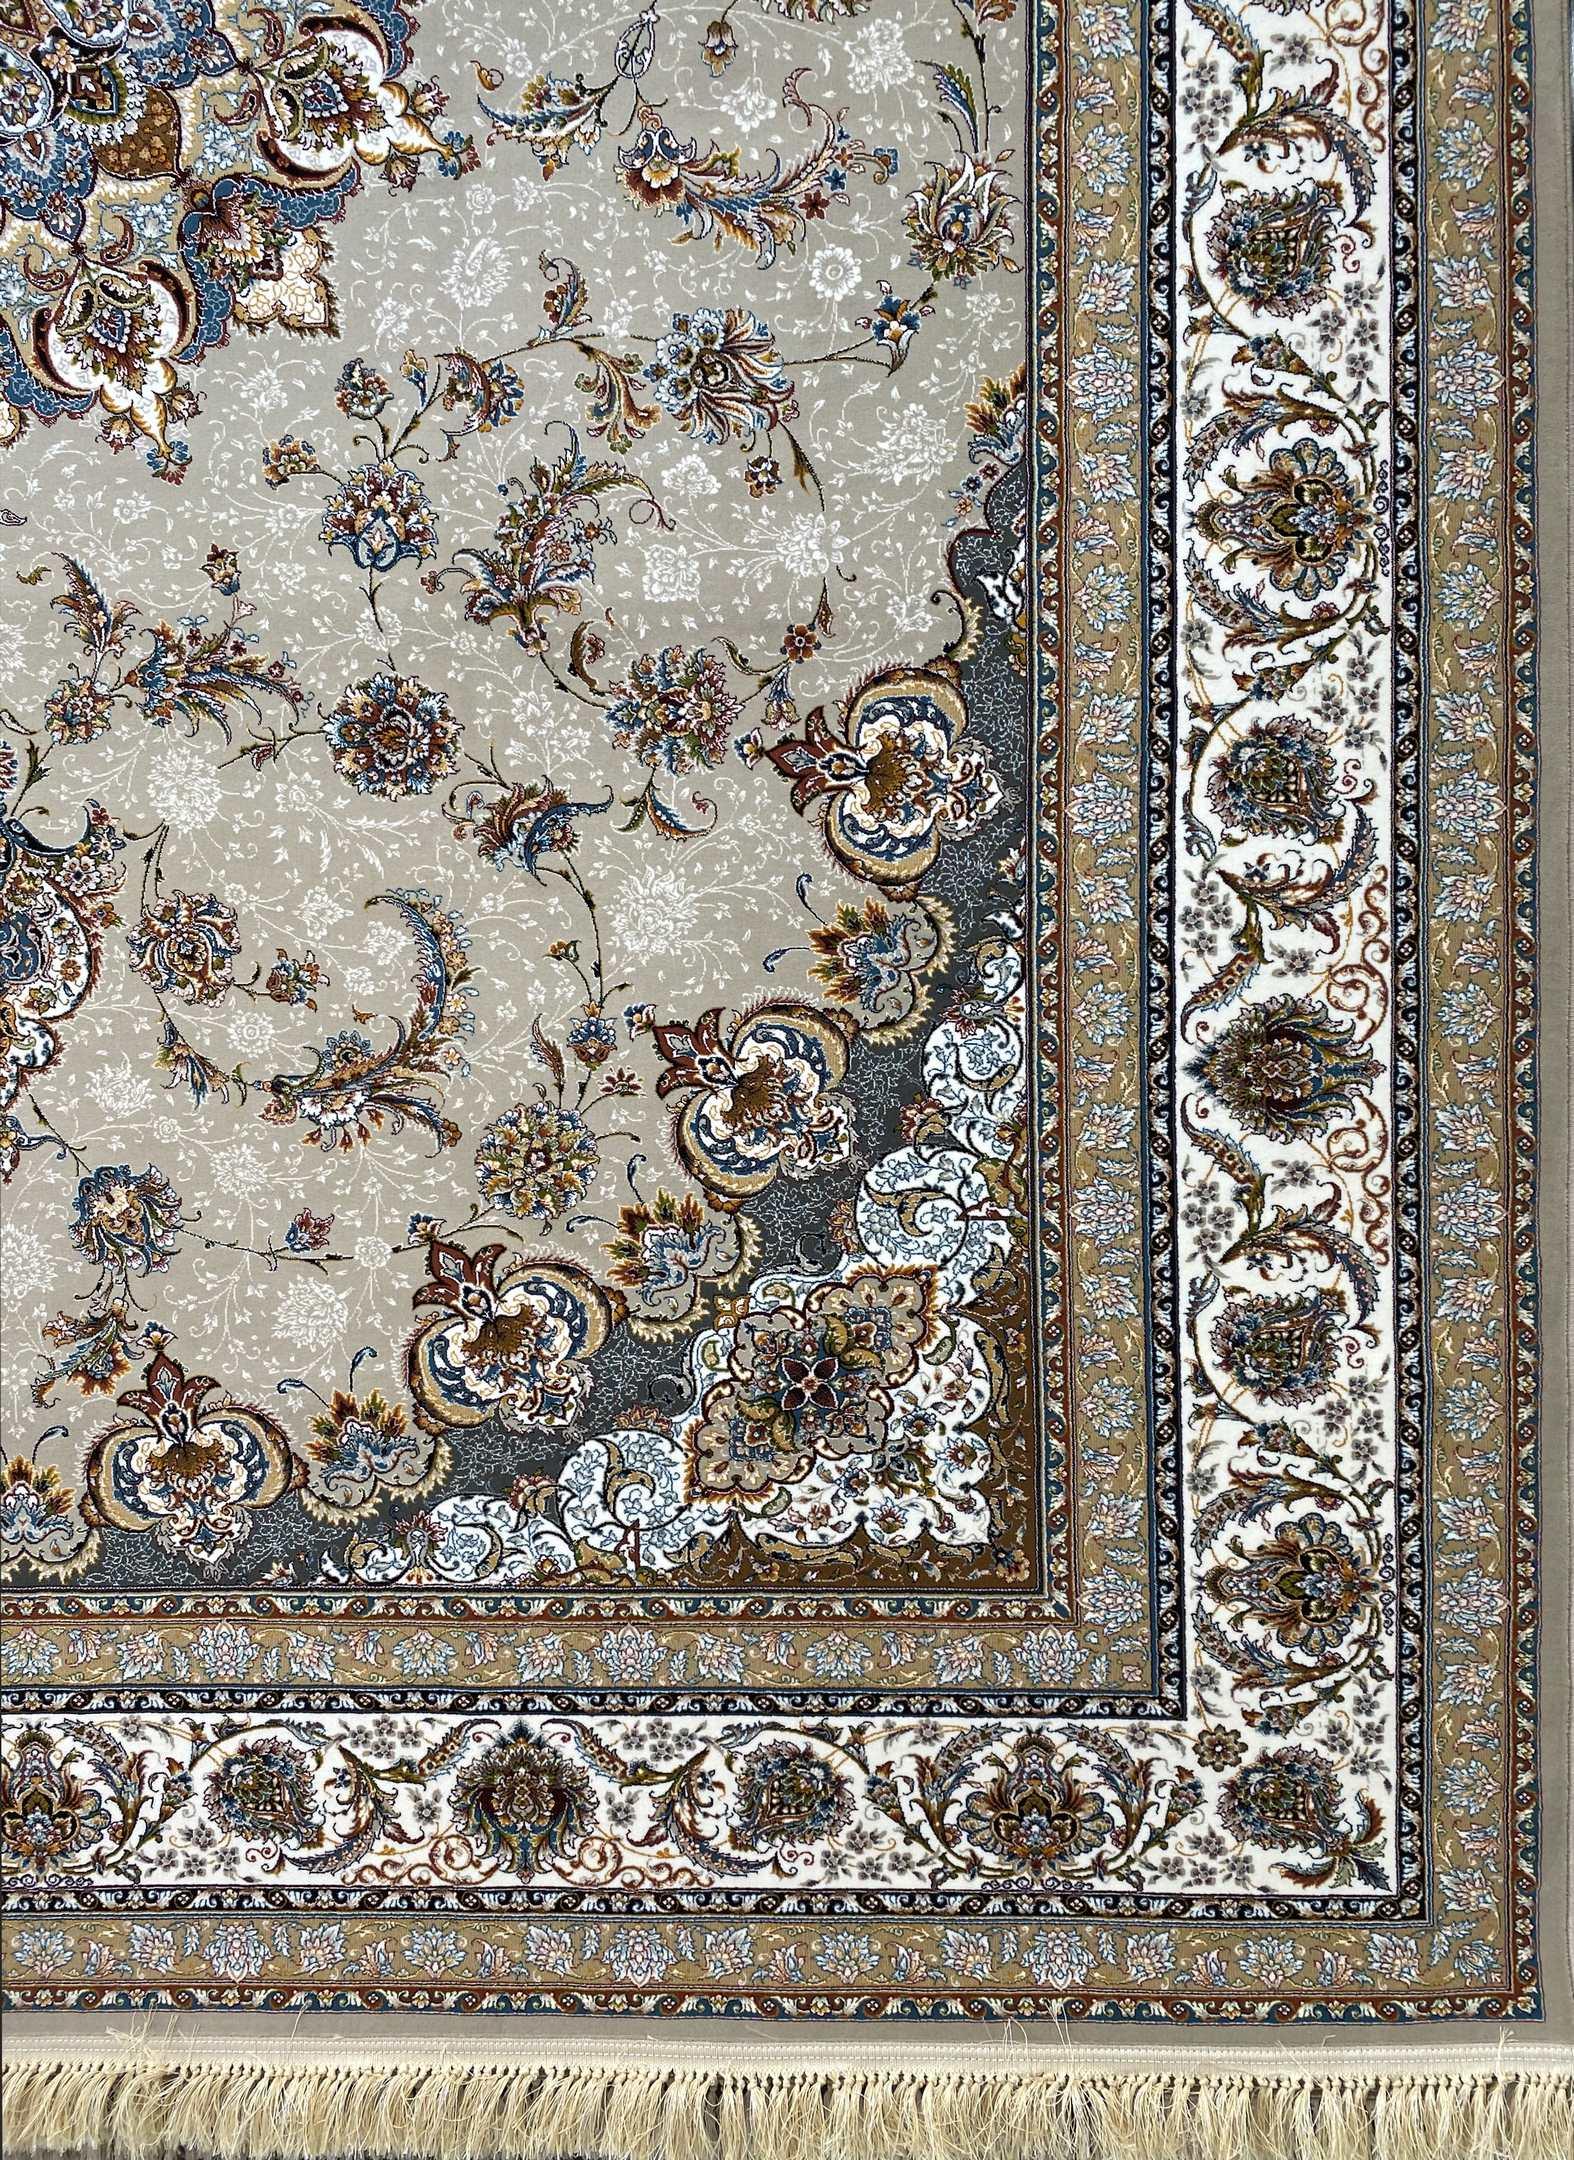 فرش اصفهان رنگ فیلی